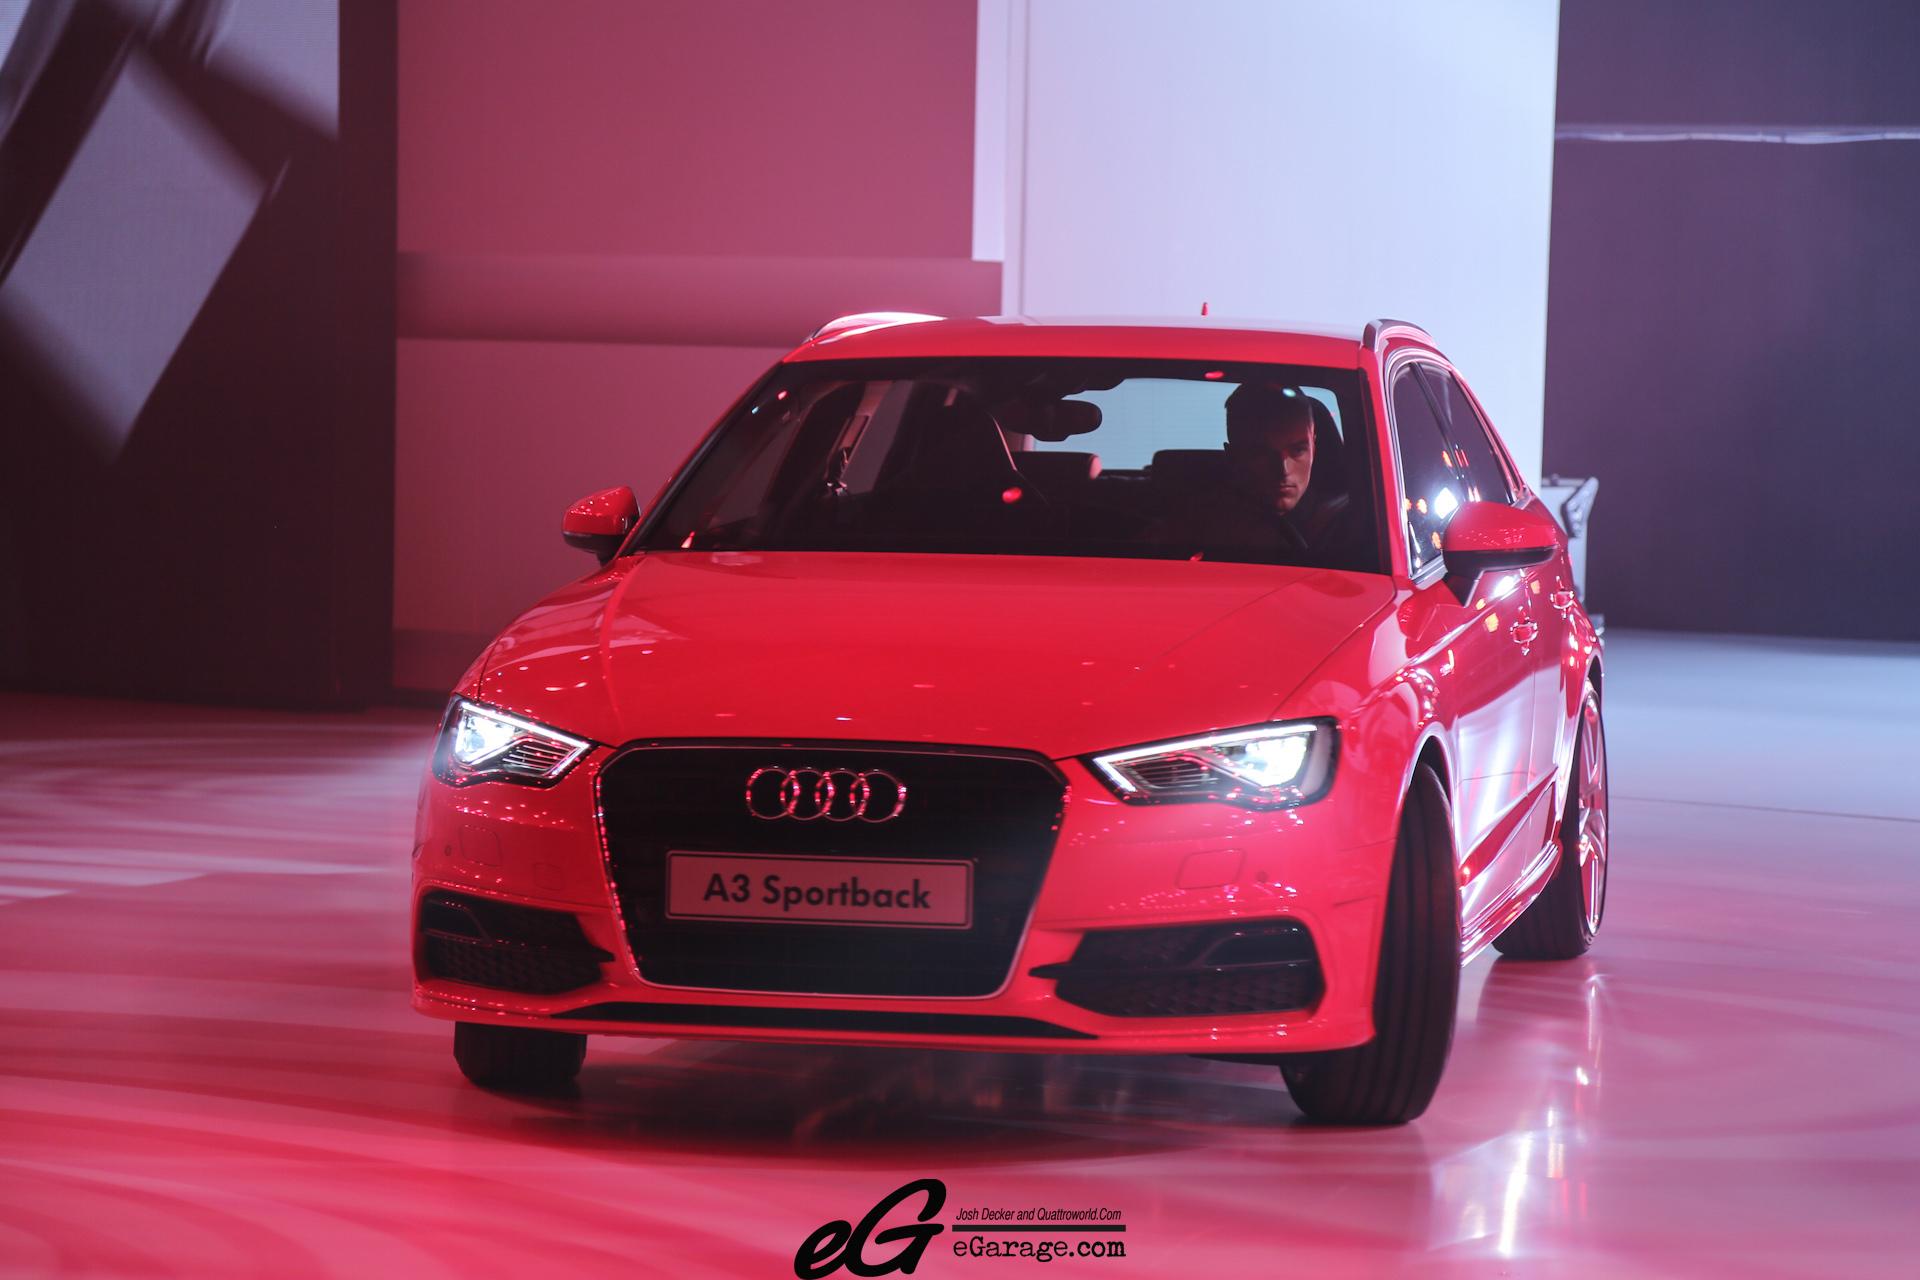 8030387448 35b4aca449 o 2012 Paris Motor Show